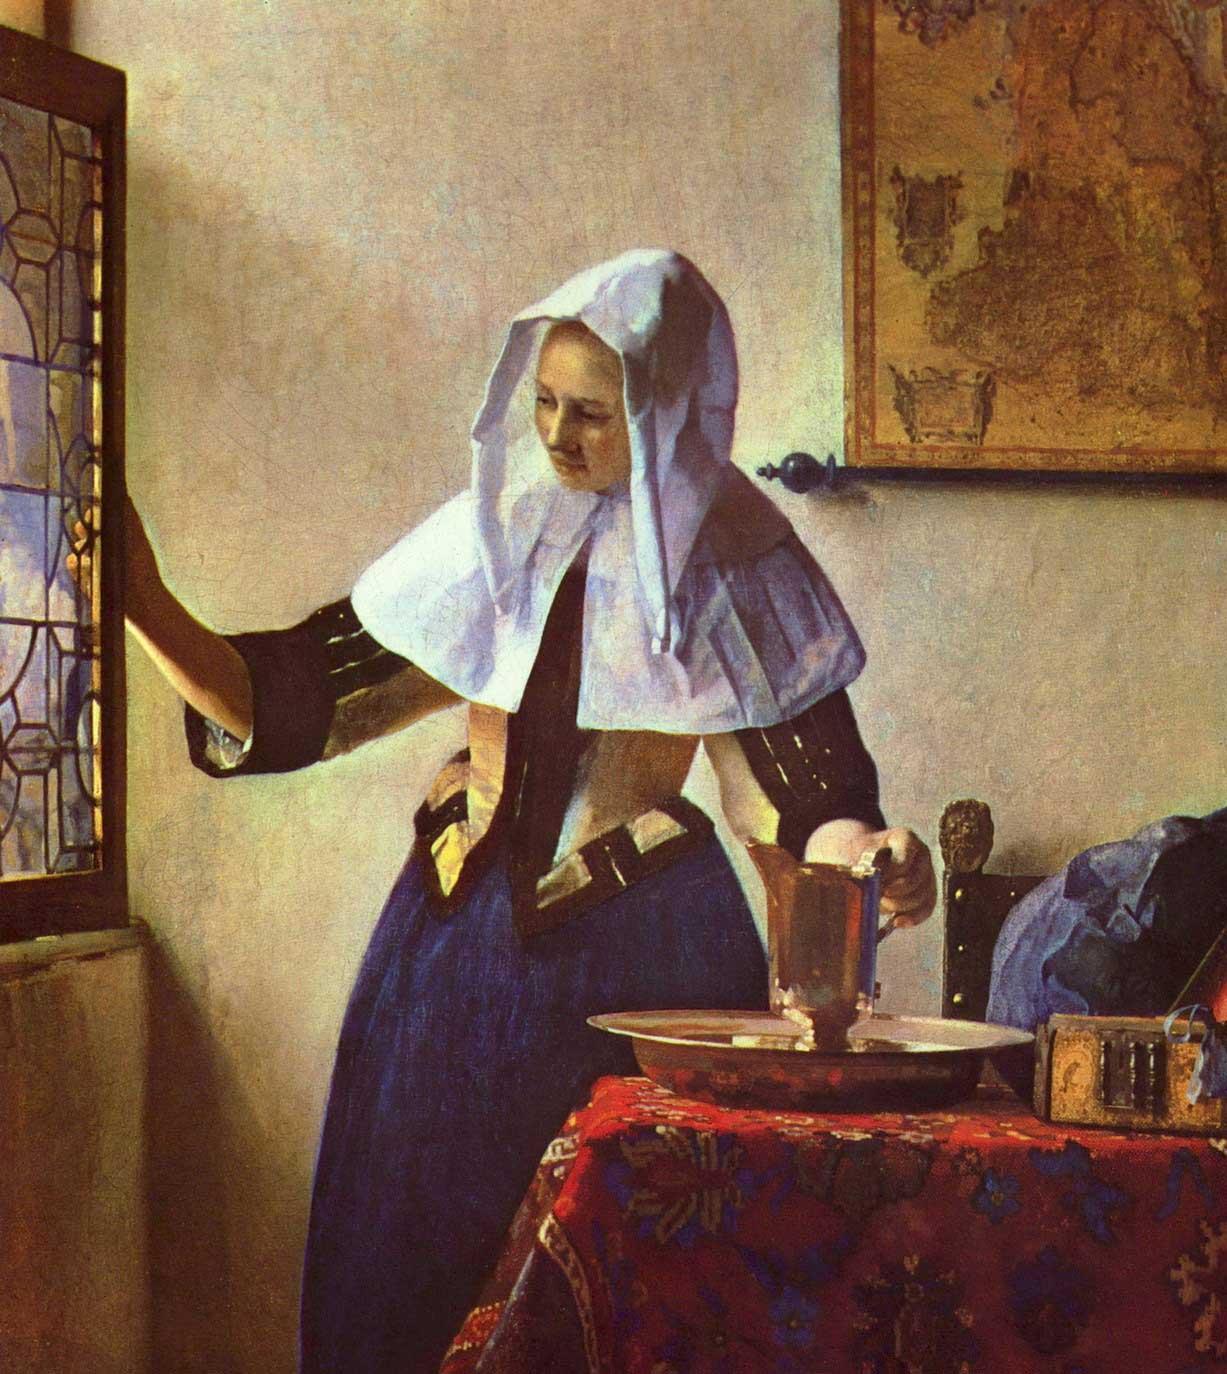 vermeer-paintings-81